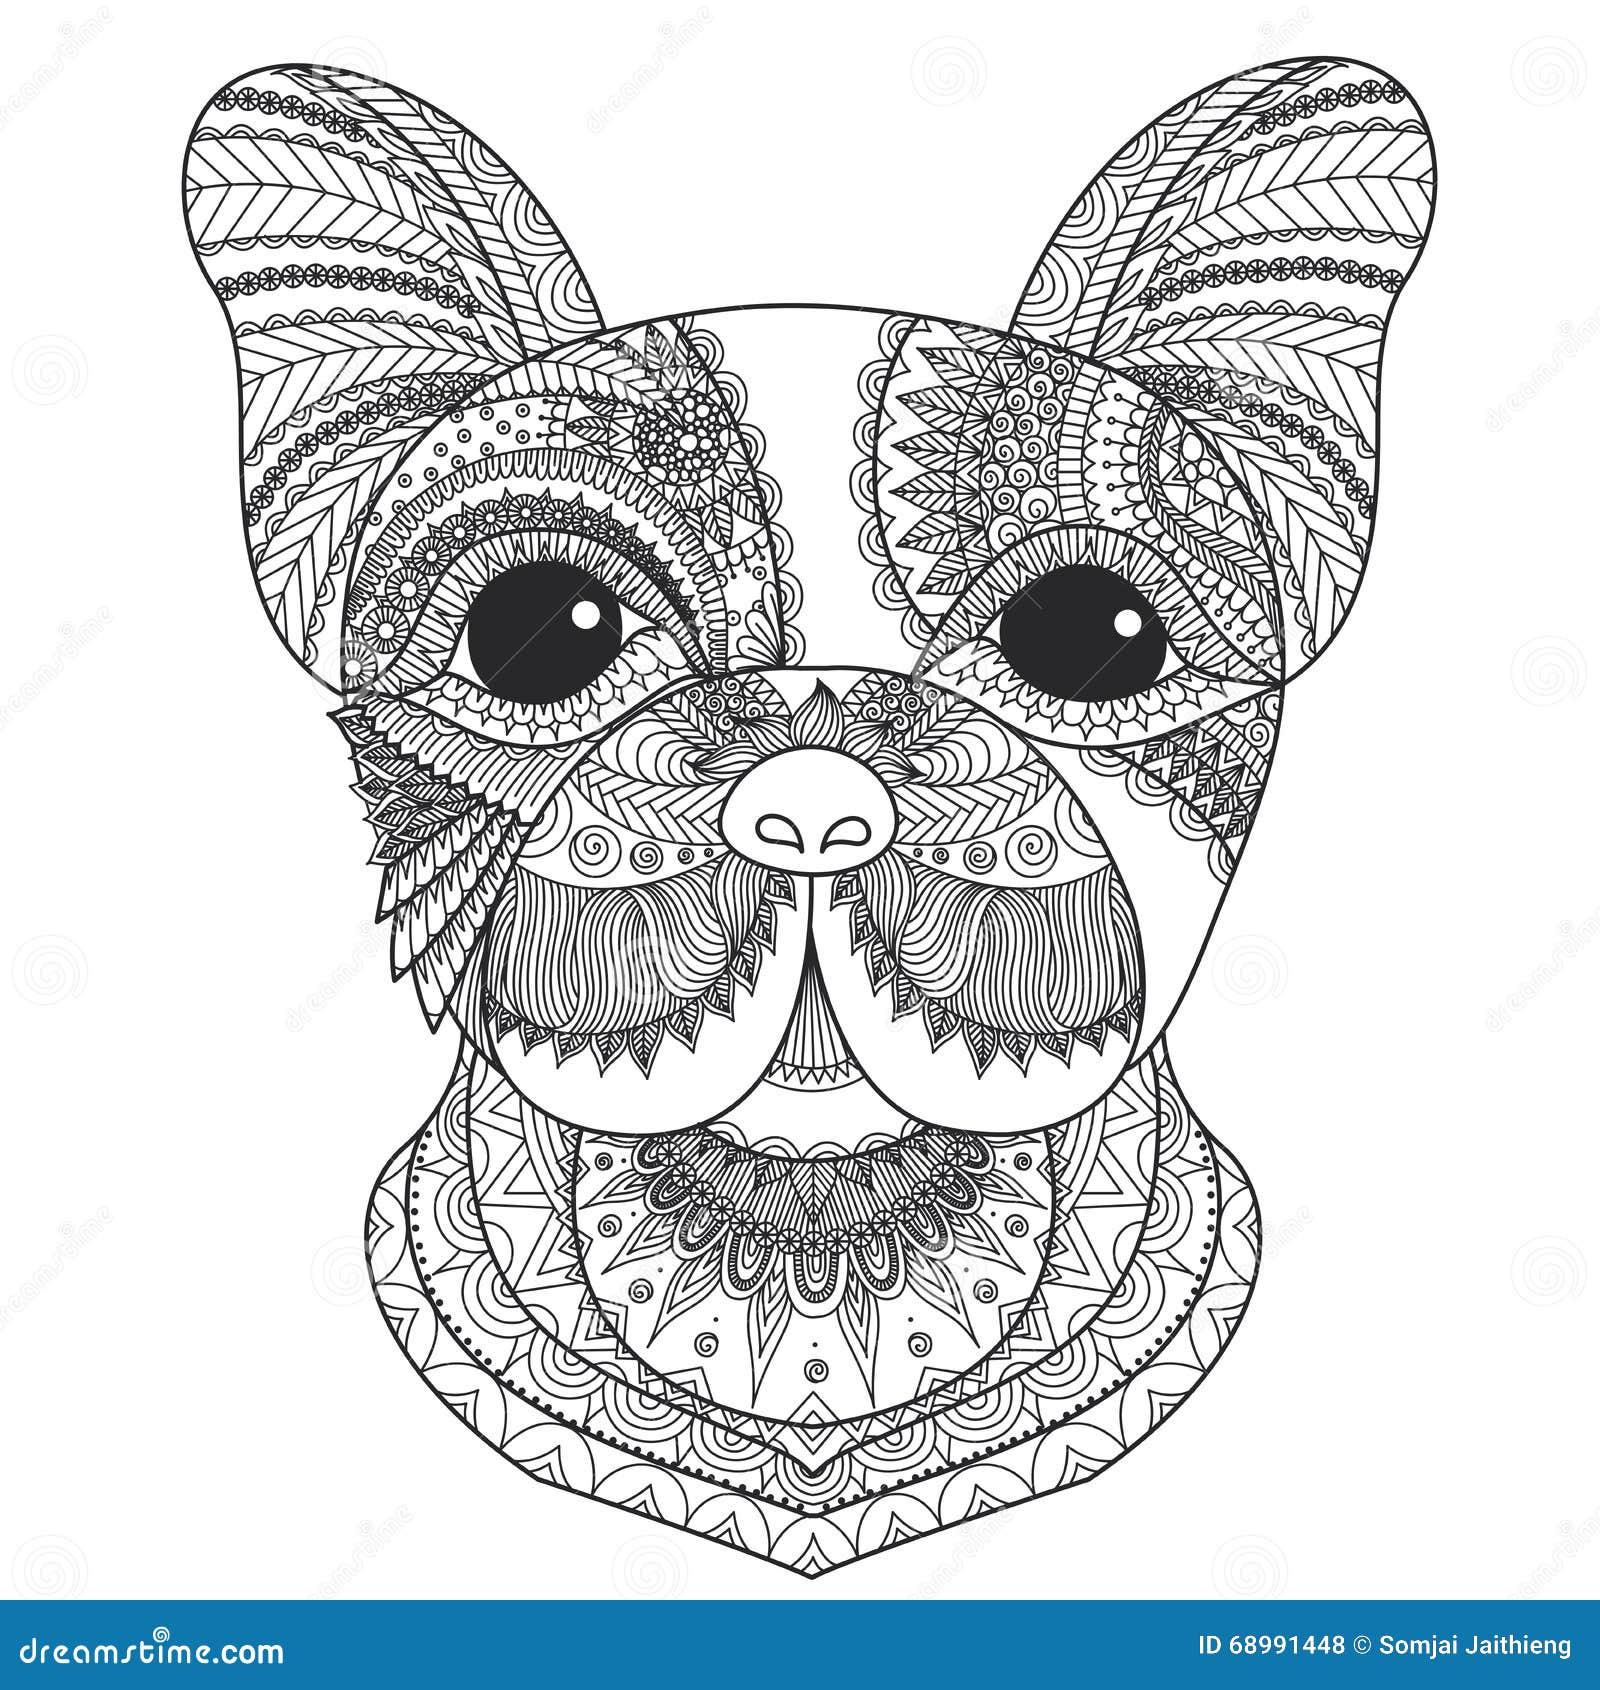 Tolle Französisches Malbuch Fotos - Malvorlagen Von Tieren - ngadi.info